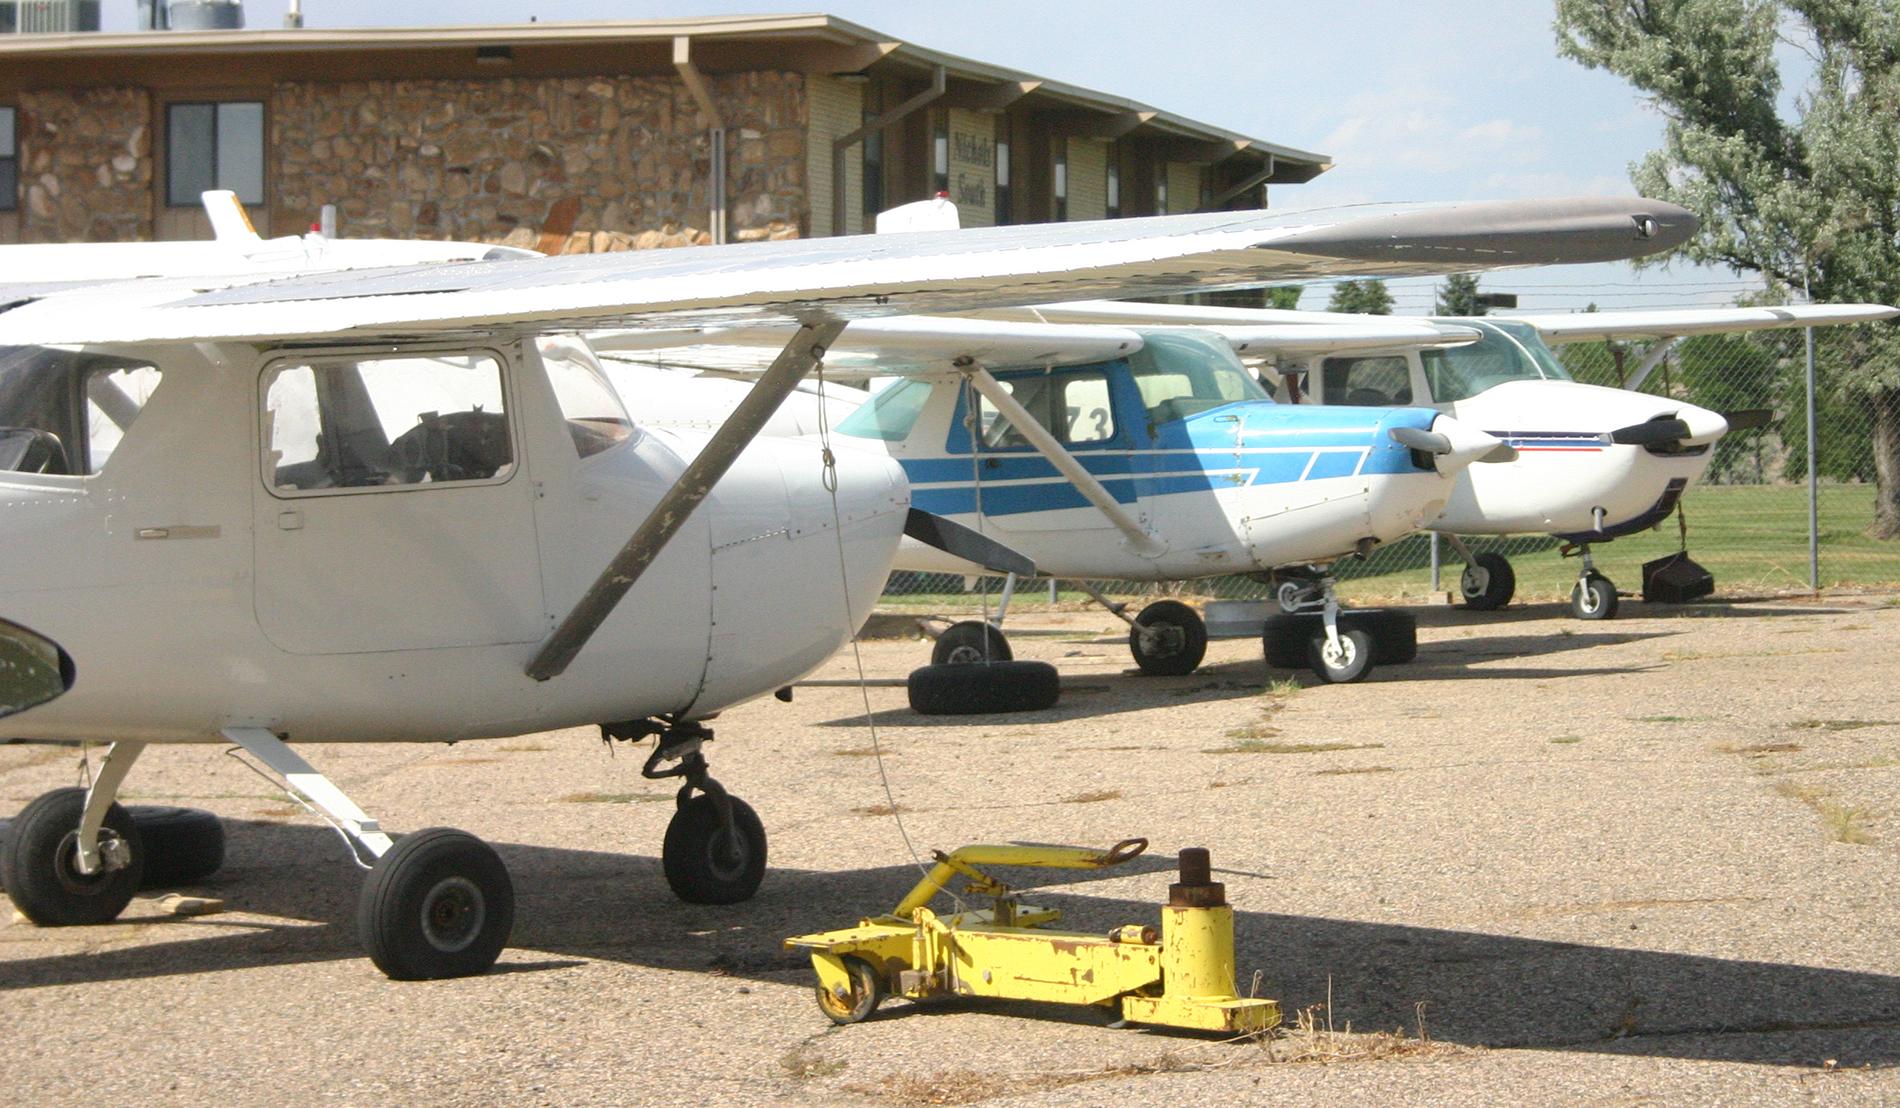 CNCC-Planes-web.jpg